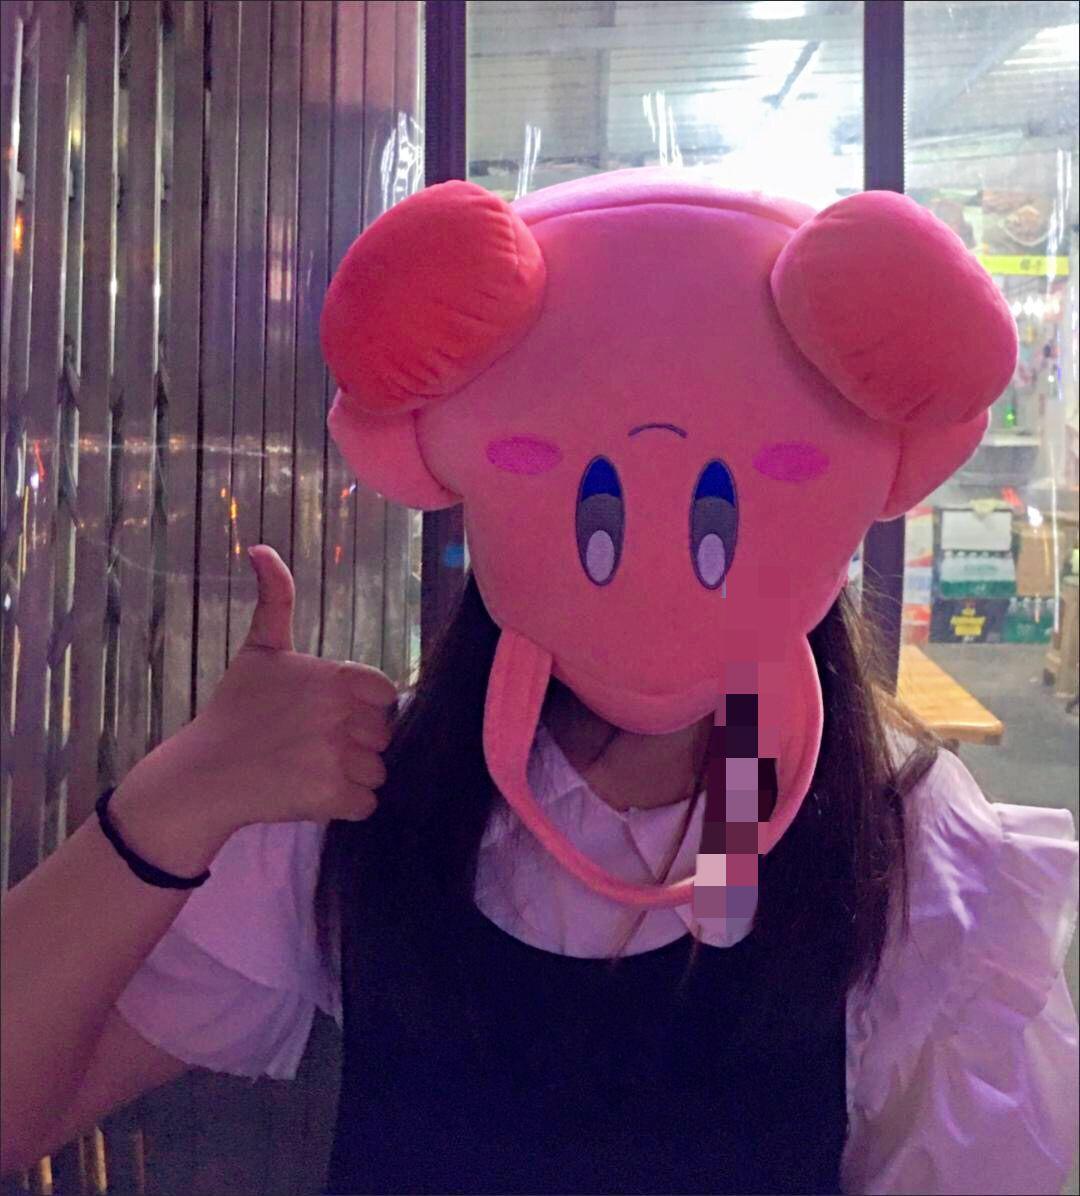 粉红色手提包 ins少女心套头日本星之卡比手提包软妹学生粉红色毛绒便当包包女_推荐淘宝好看的粉红色手提包